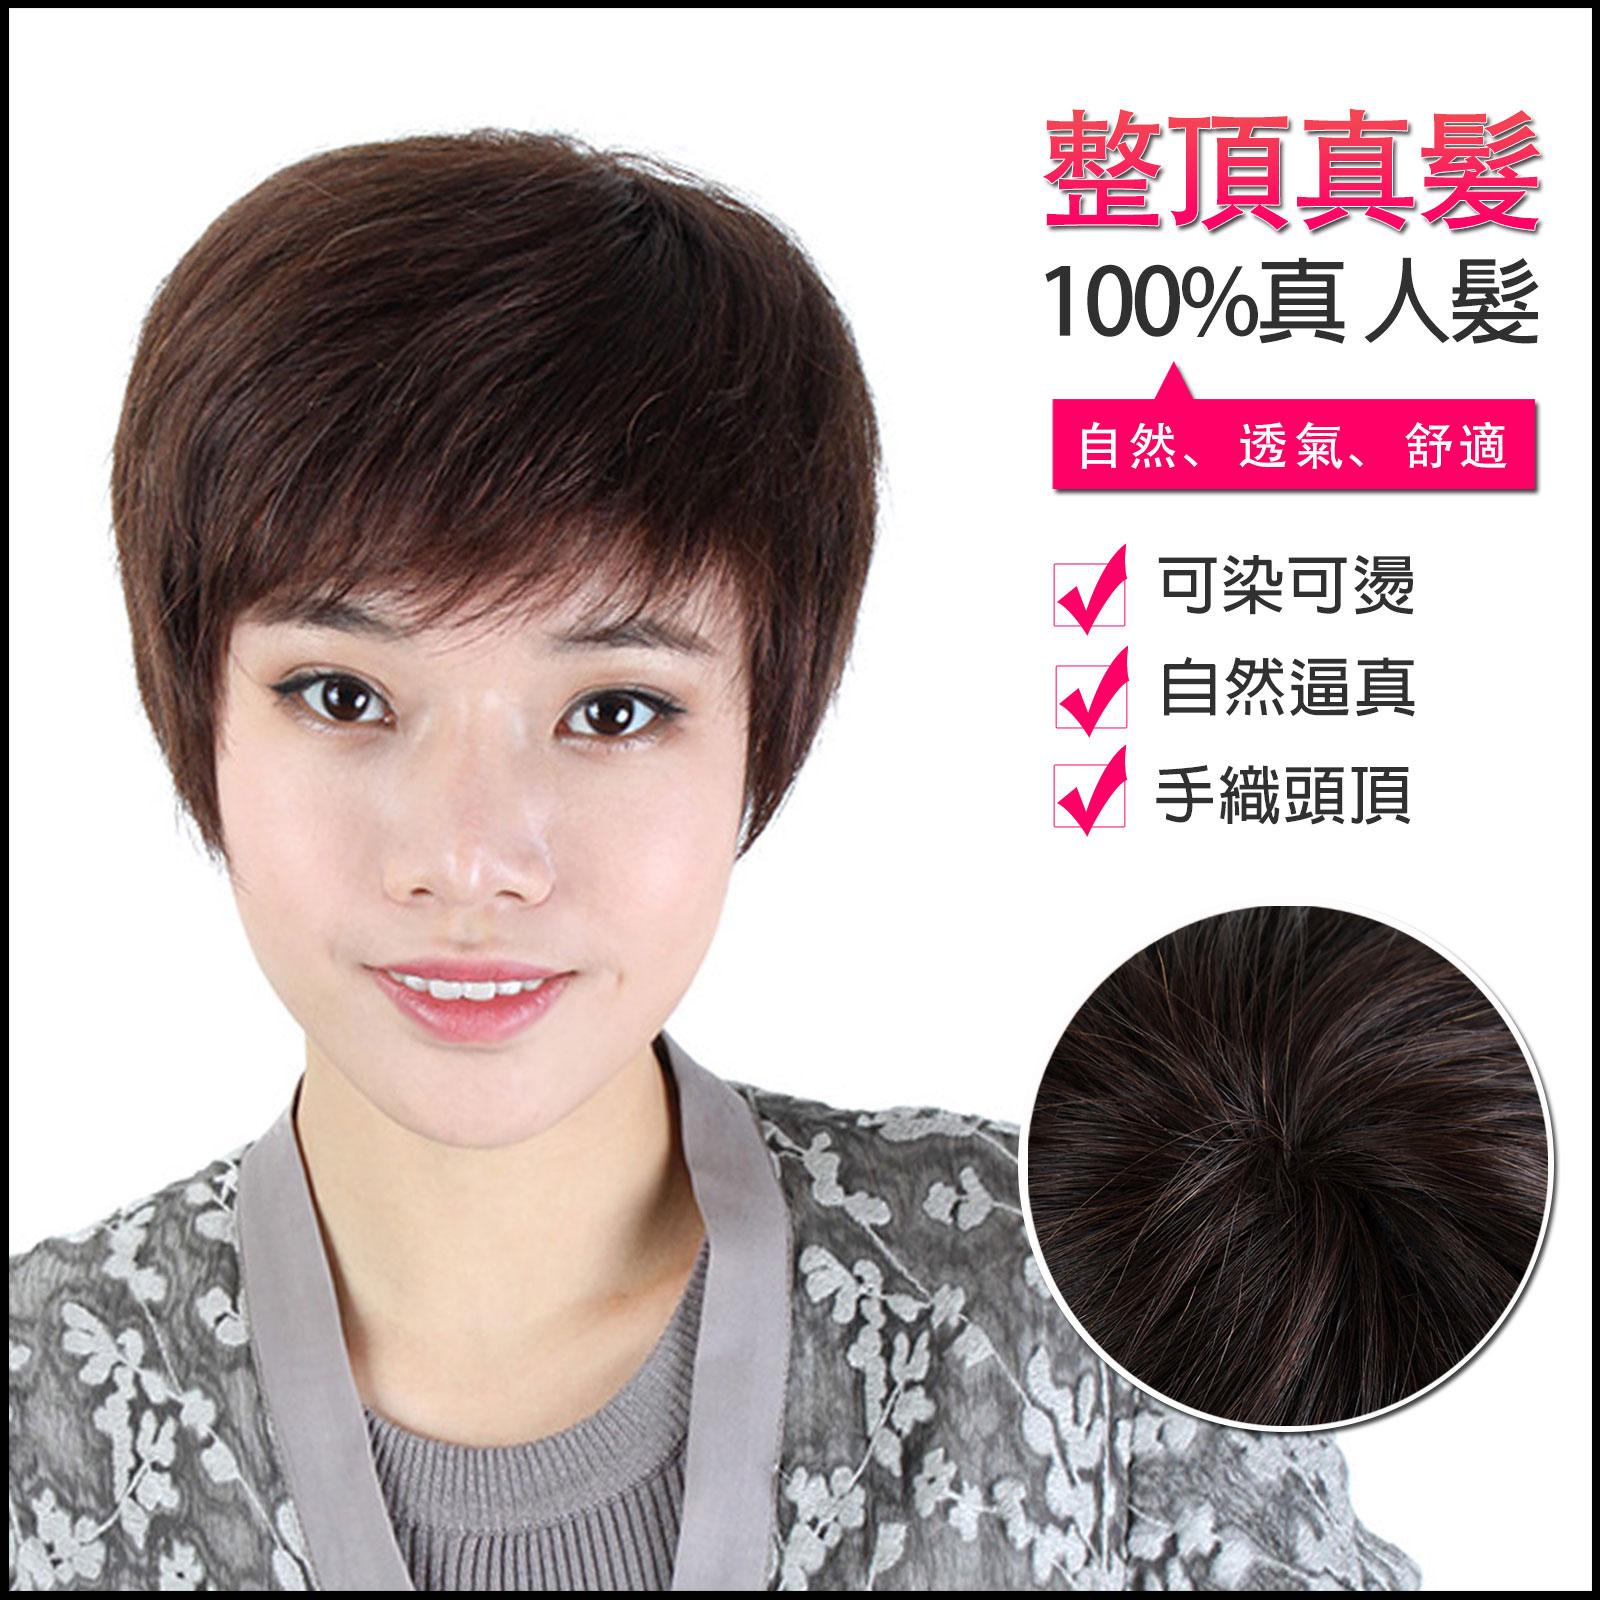 女仕 媽媽髮  短捲髮 超真實 抗菌內網*100%真髮可染可燙整頂真髮假髮【MR35】☆雙兒網☆